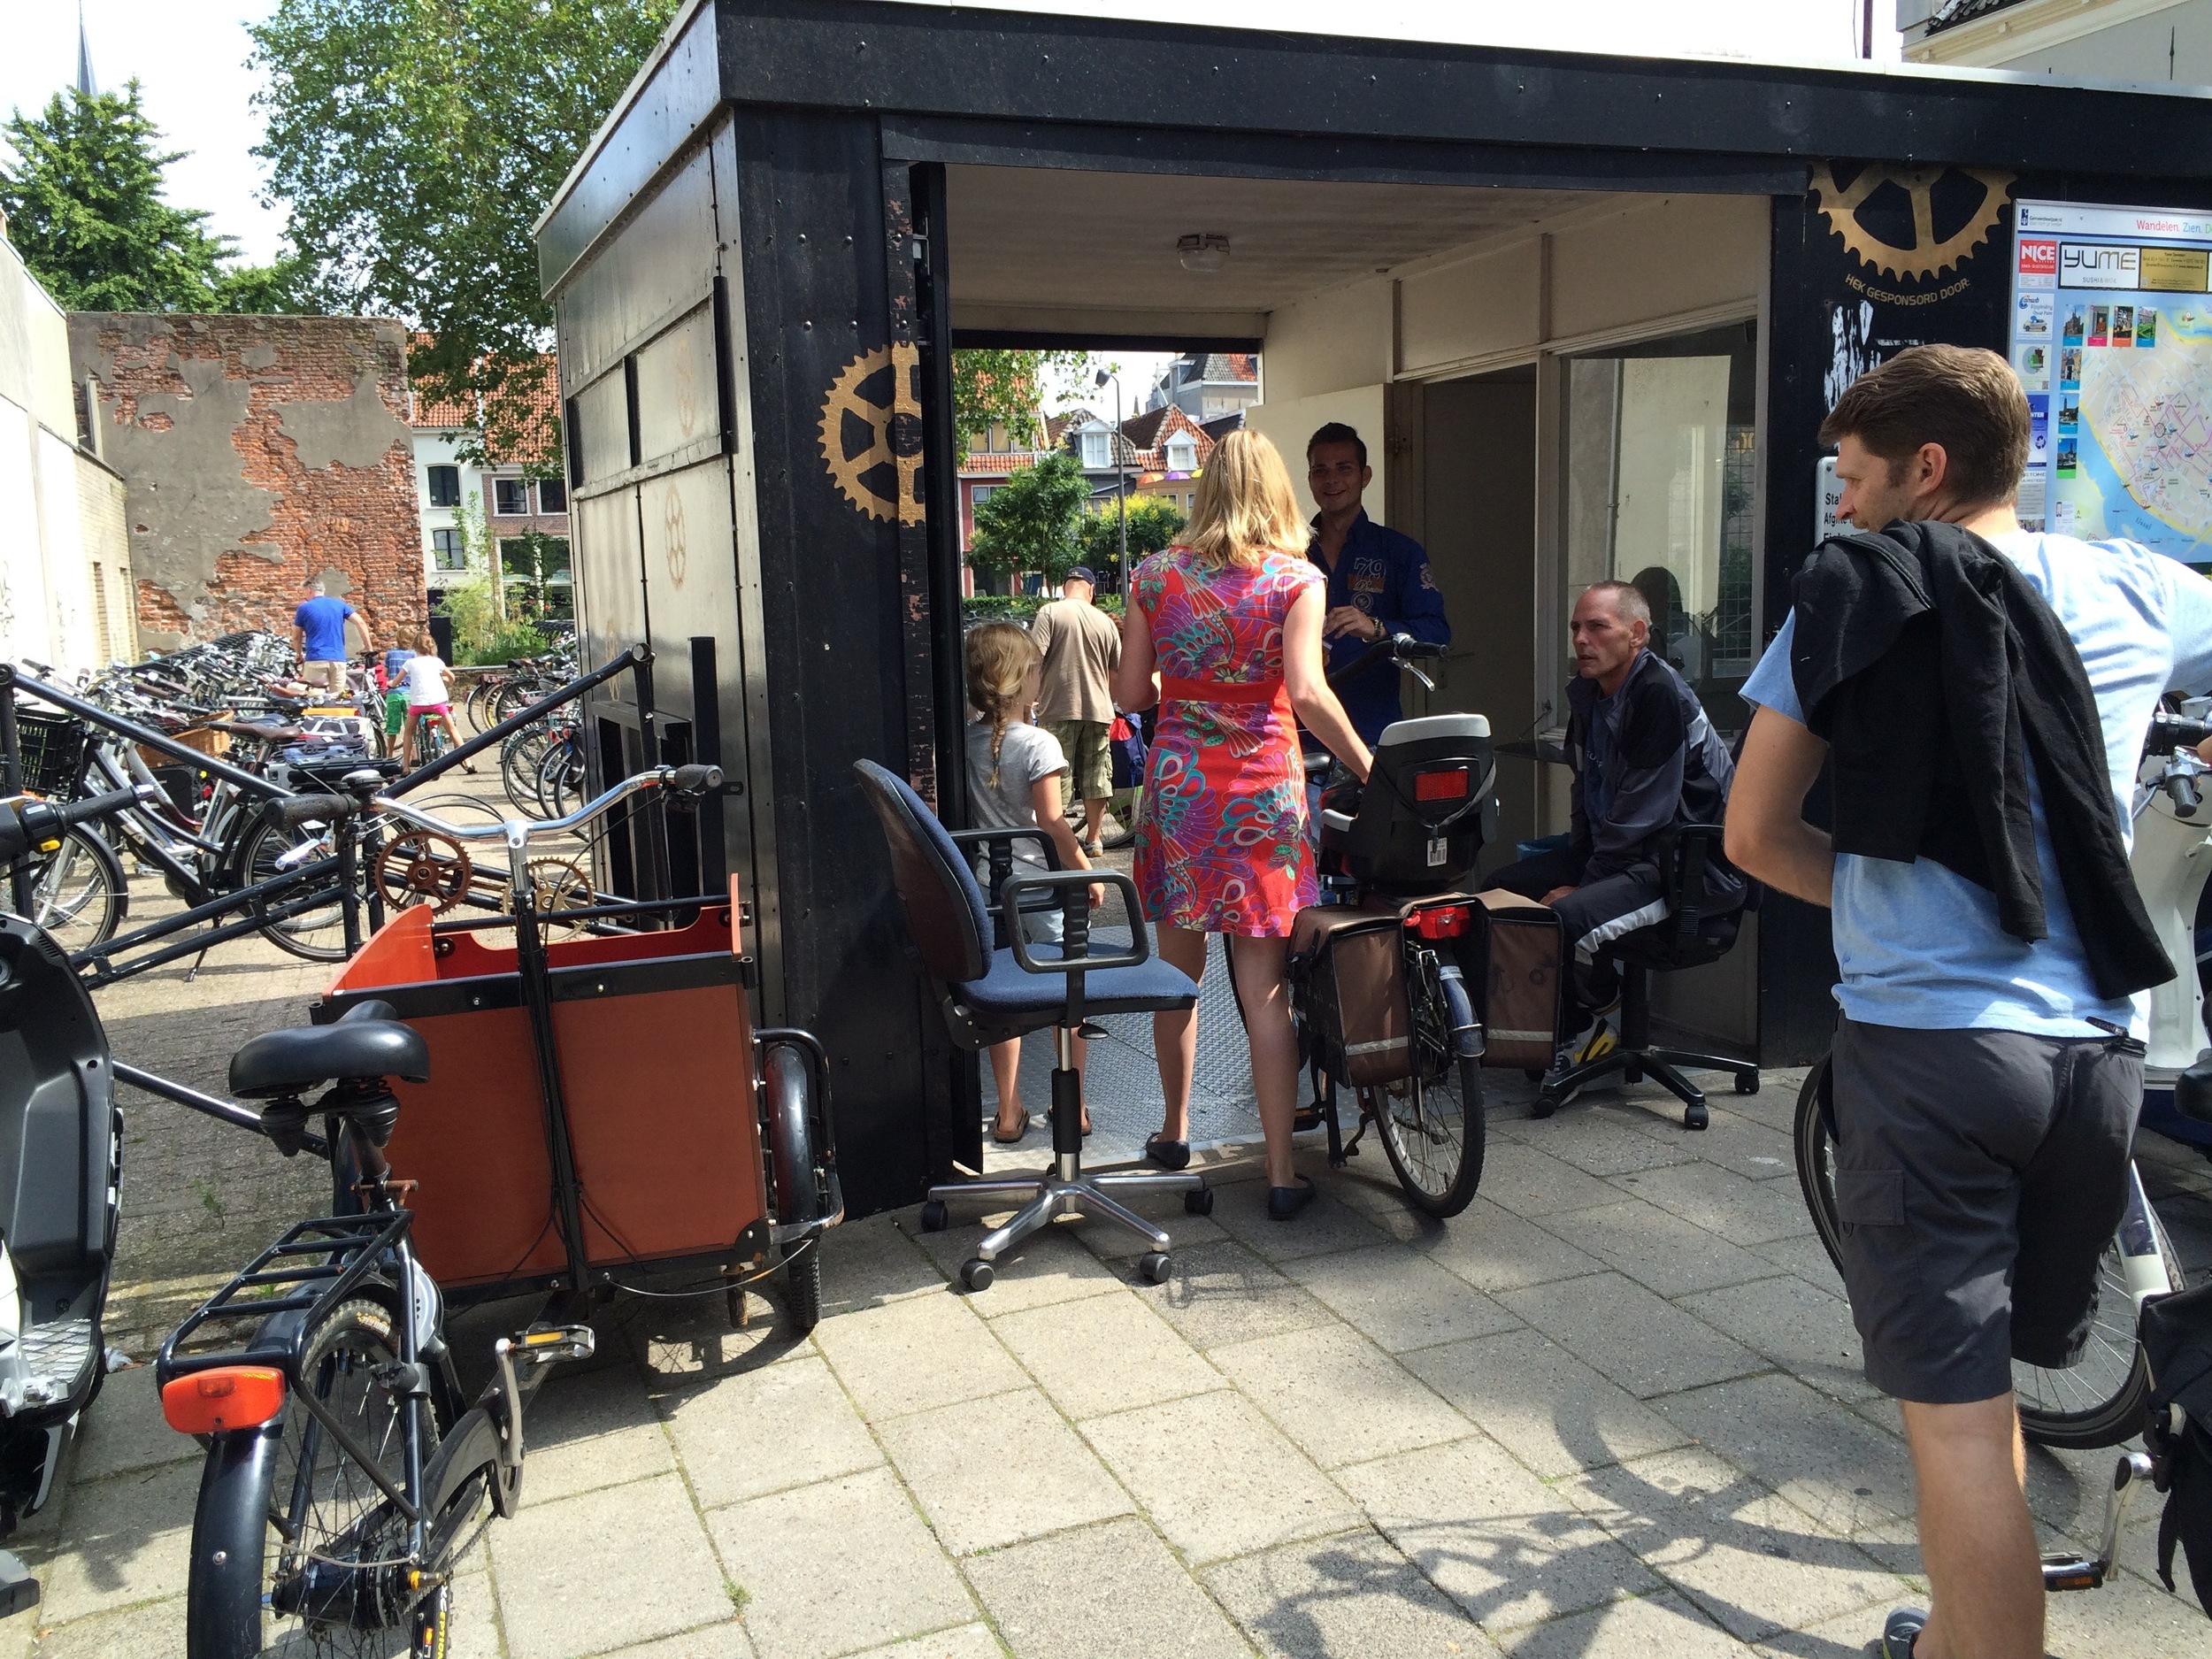 Bike station, Deventer, Netherlands